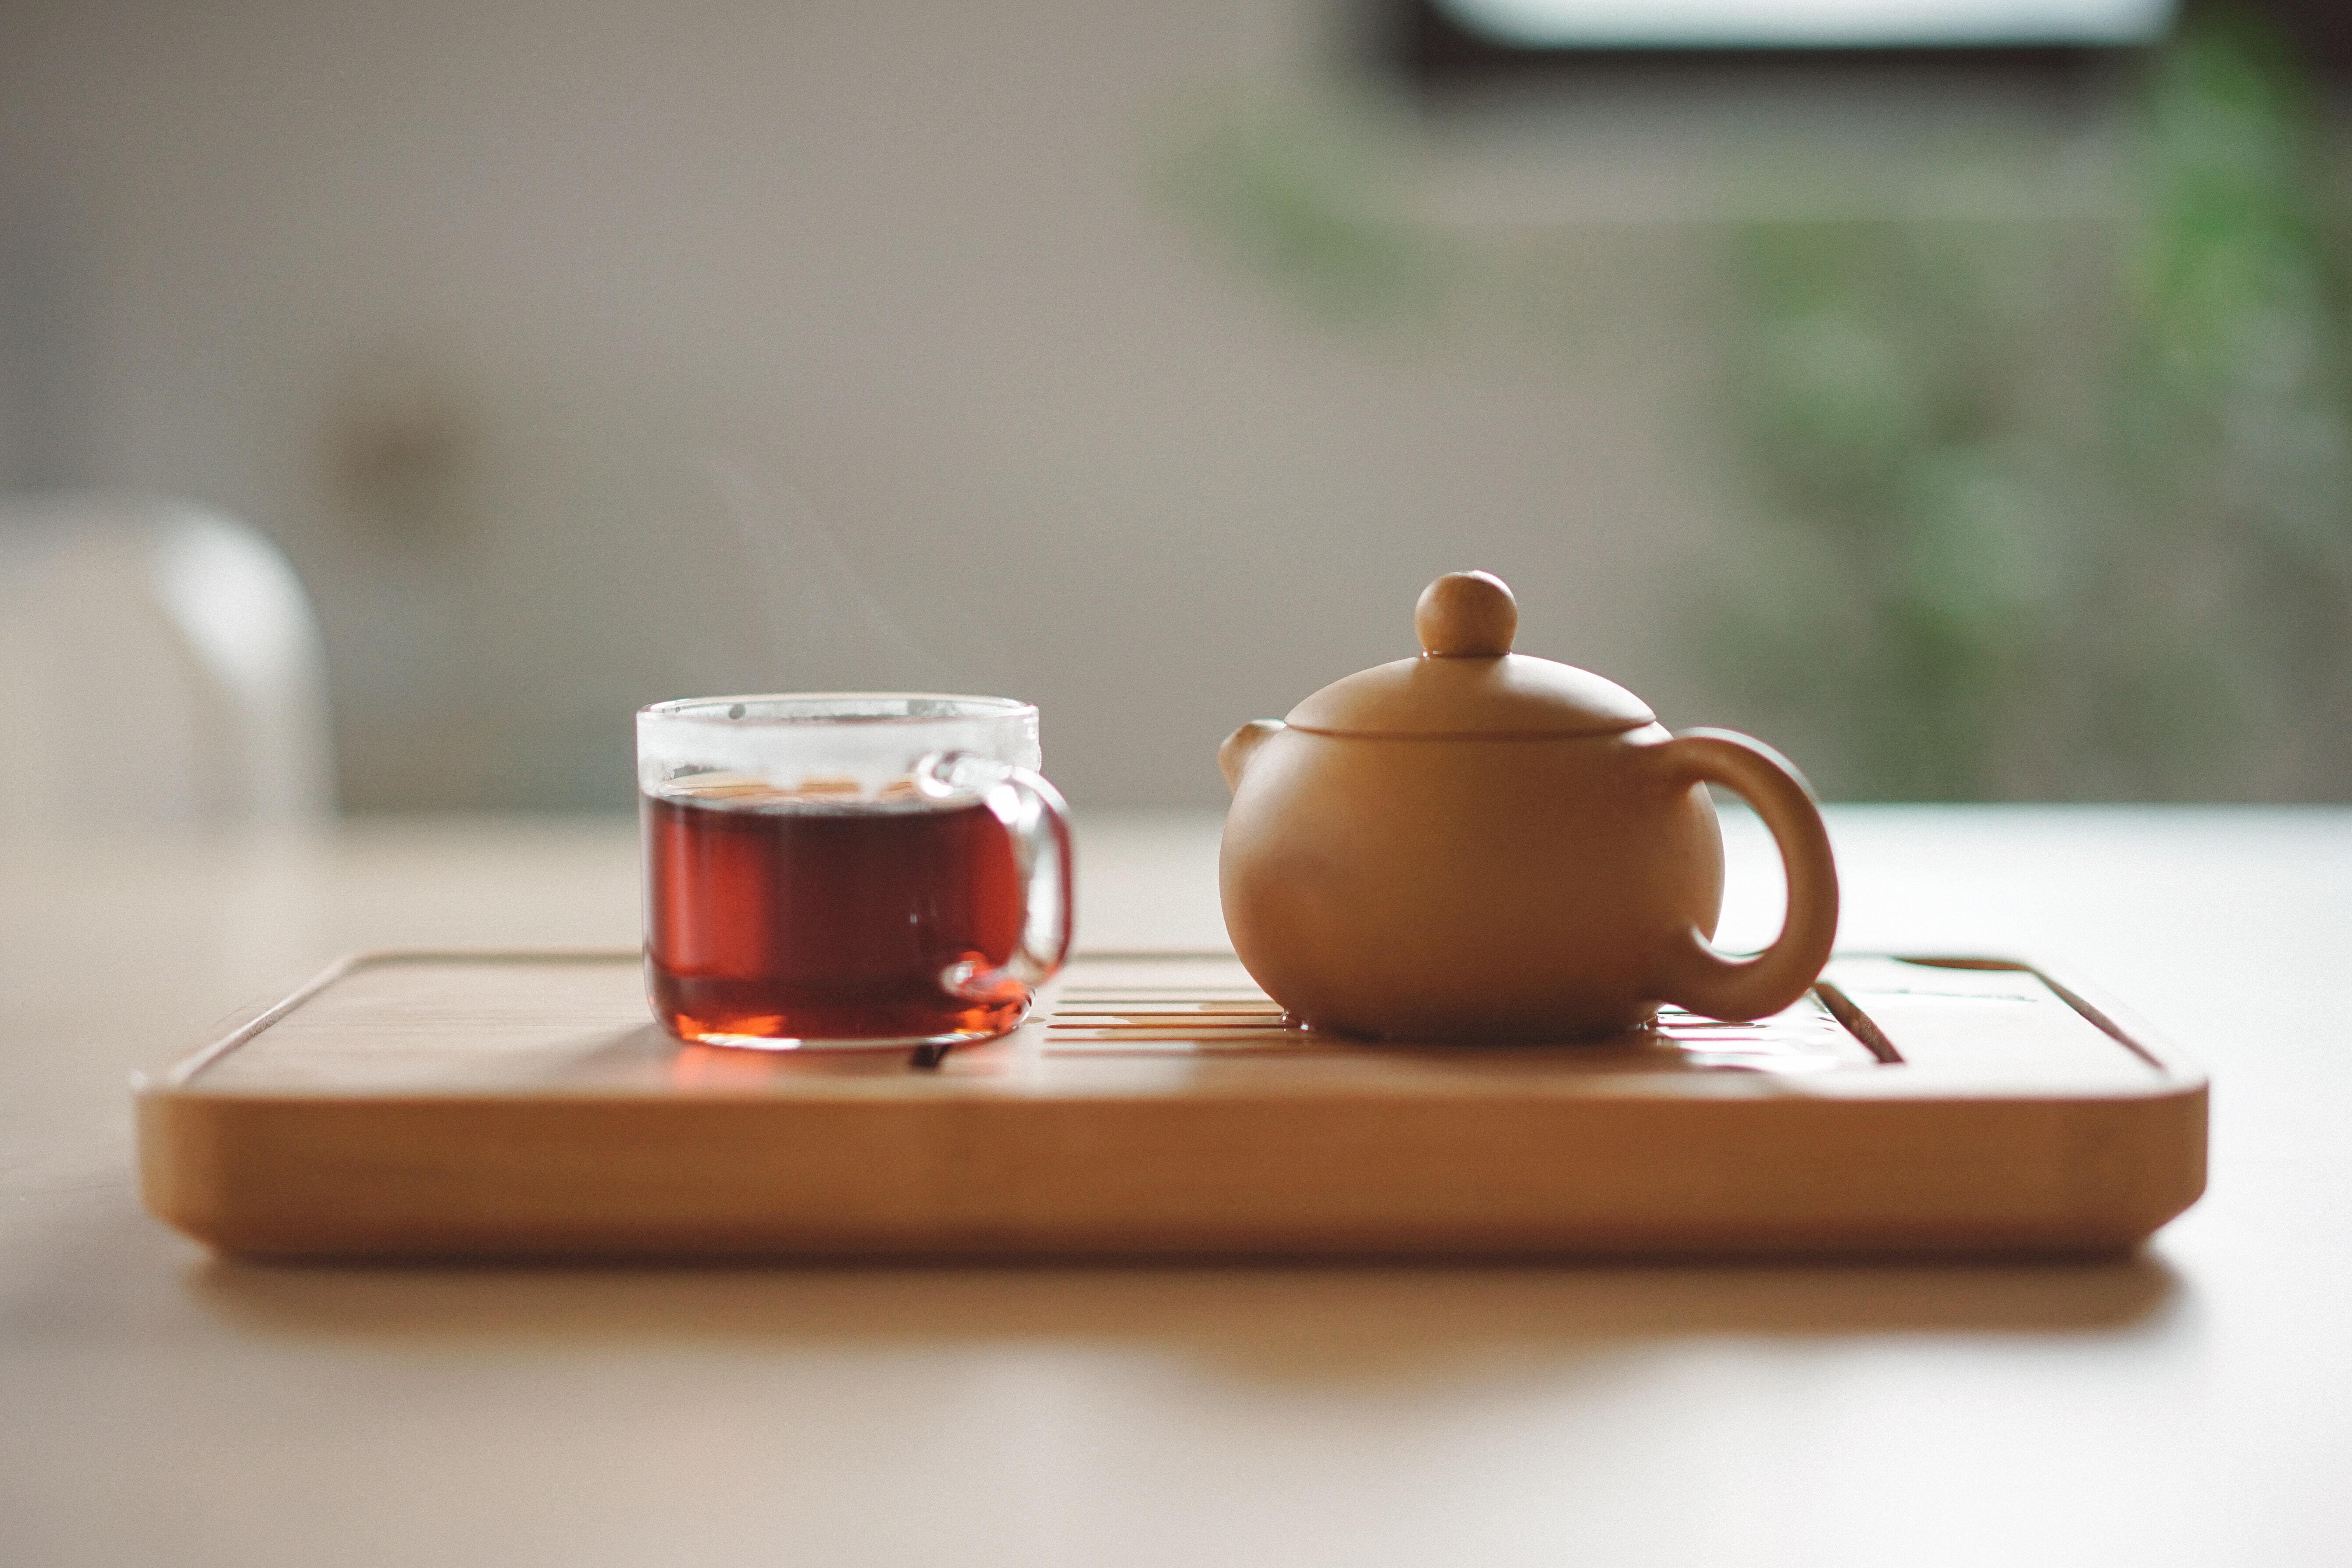 美味しい紅茶、日本茶の淹れ方ならお伝えします。